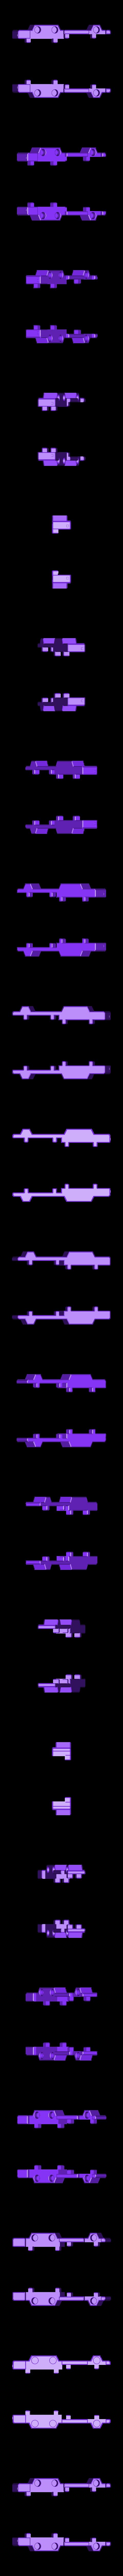 SmallToys-TruckBaseType1.stl Download STL file SmallToys - Starter Pack • 3D printer model, Wabby